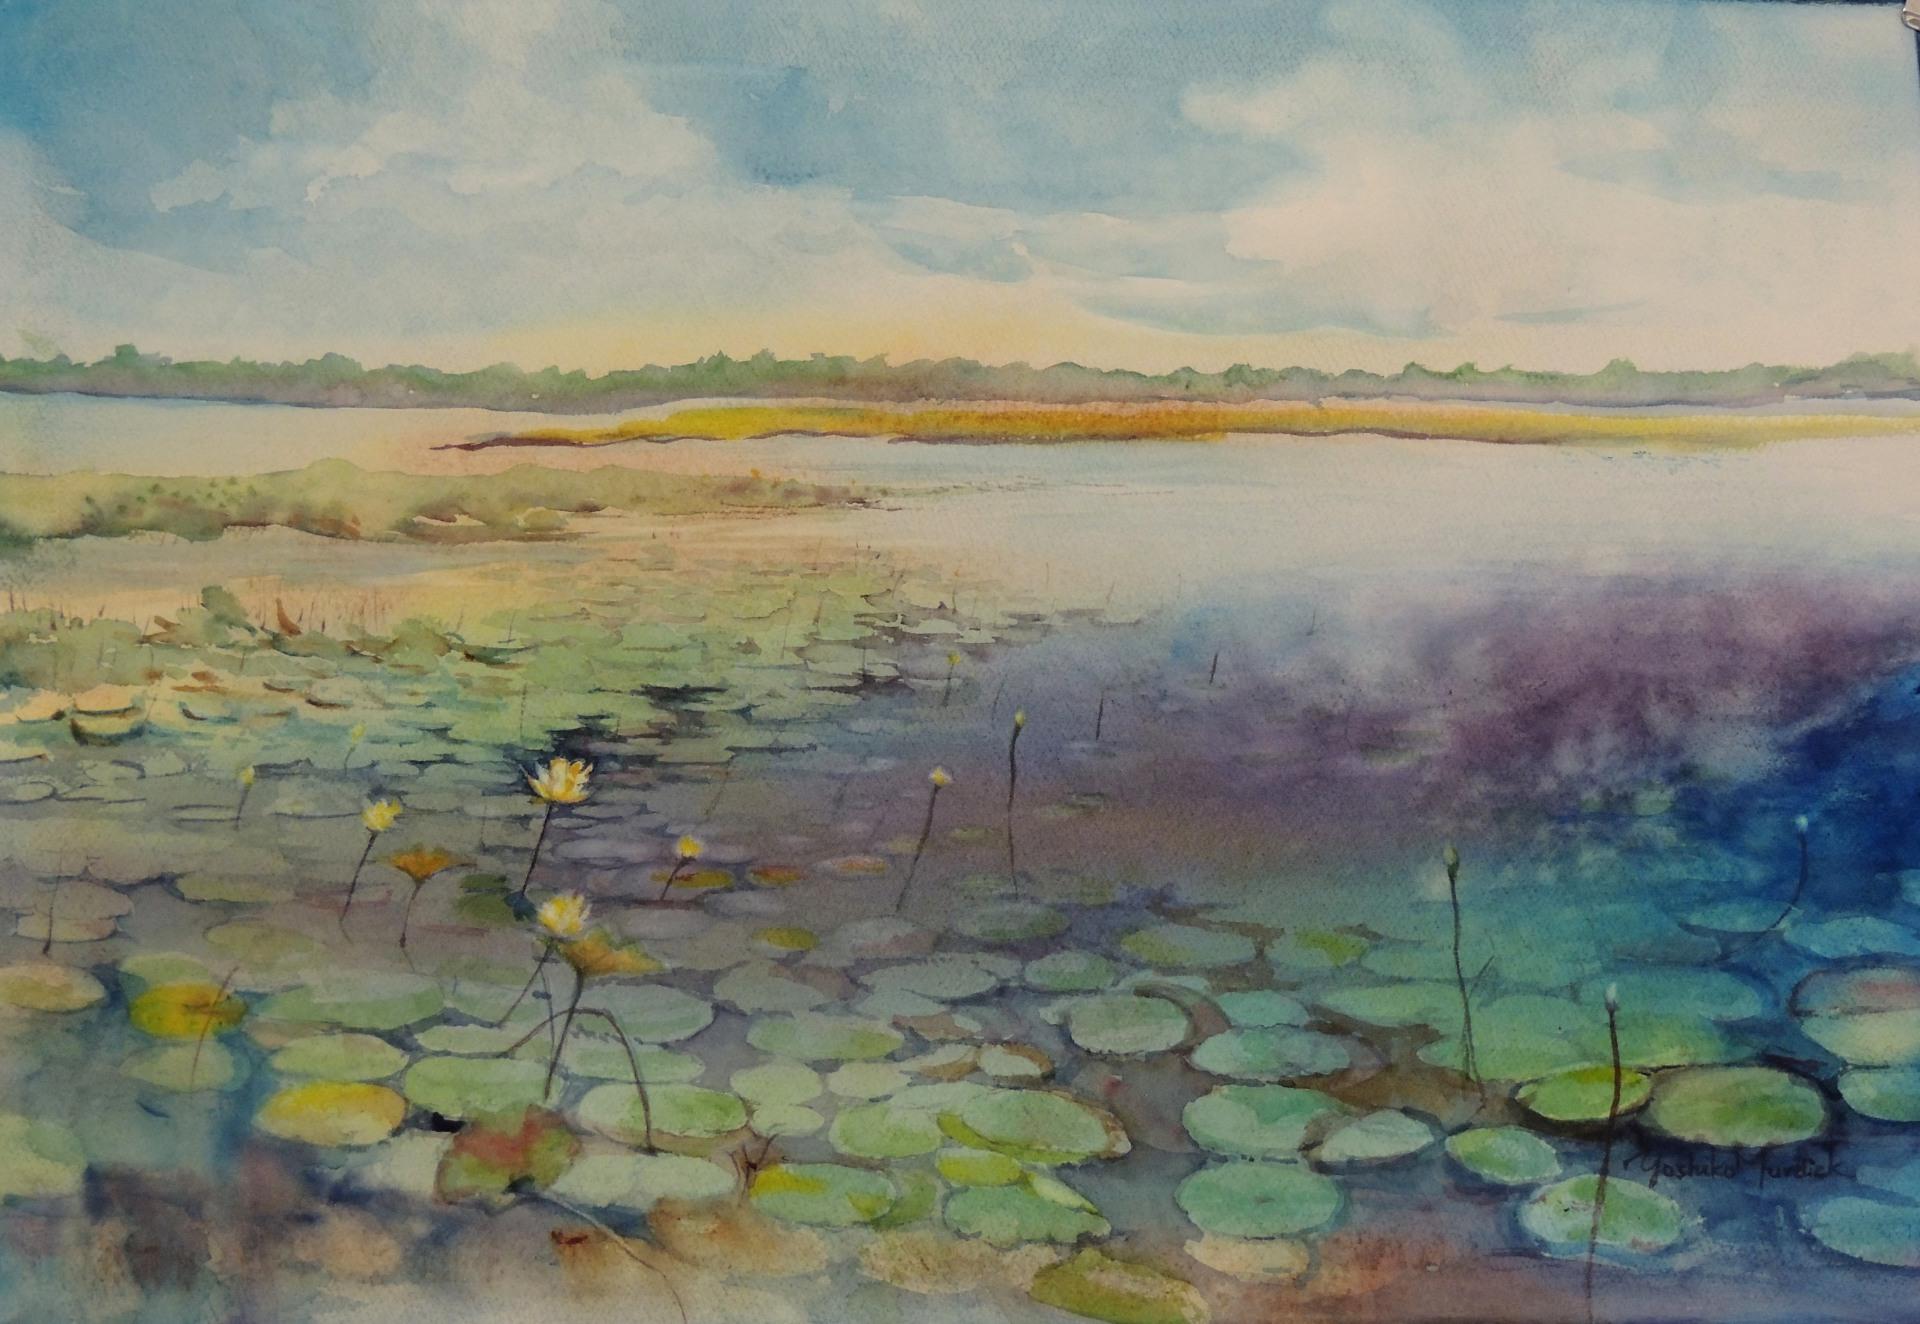 Lake Iamonia in July (2014)